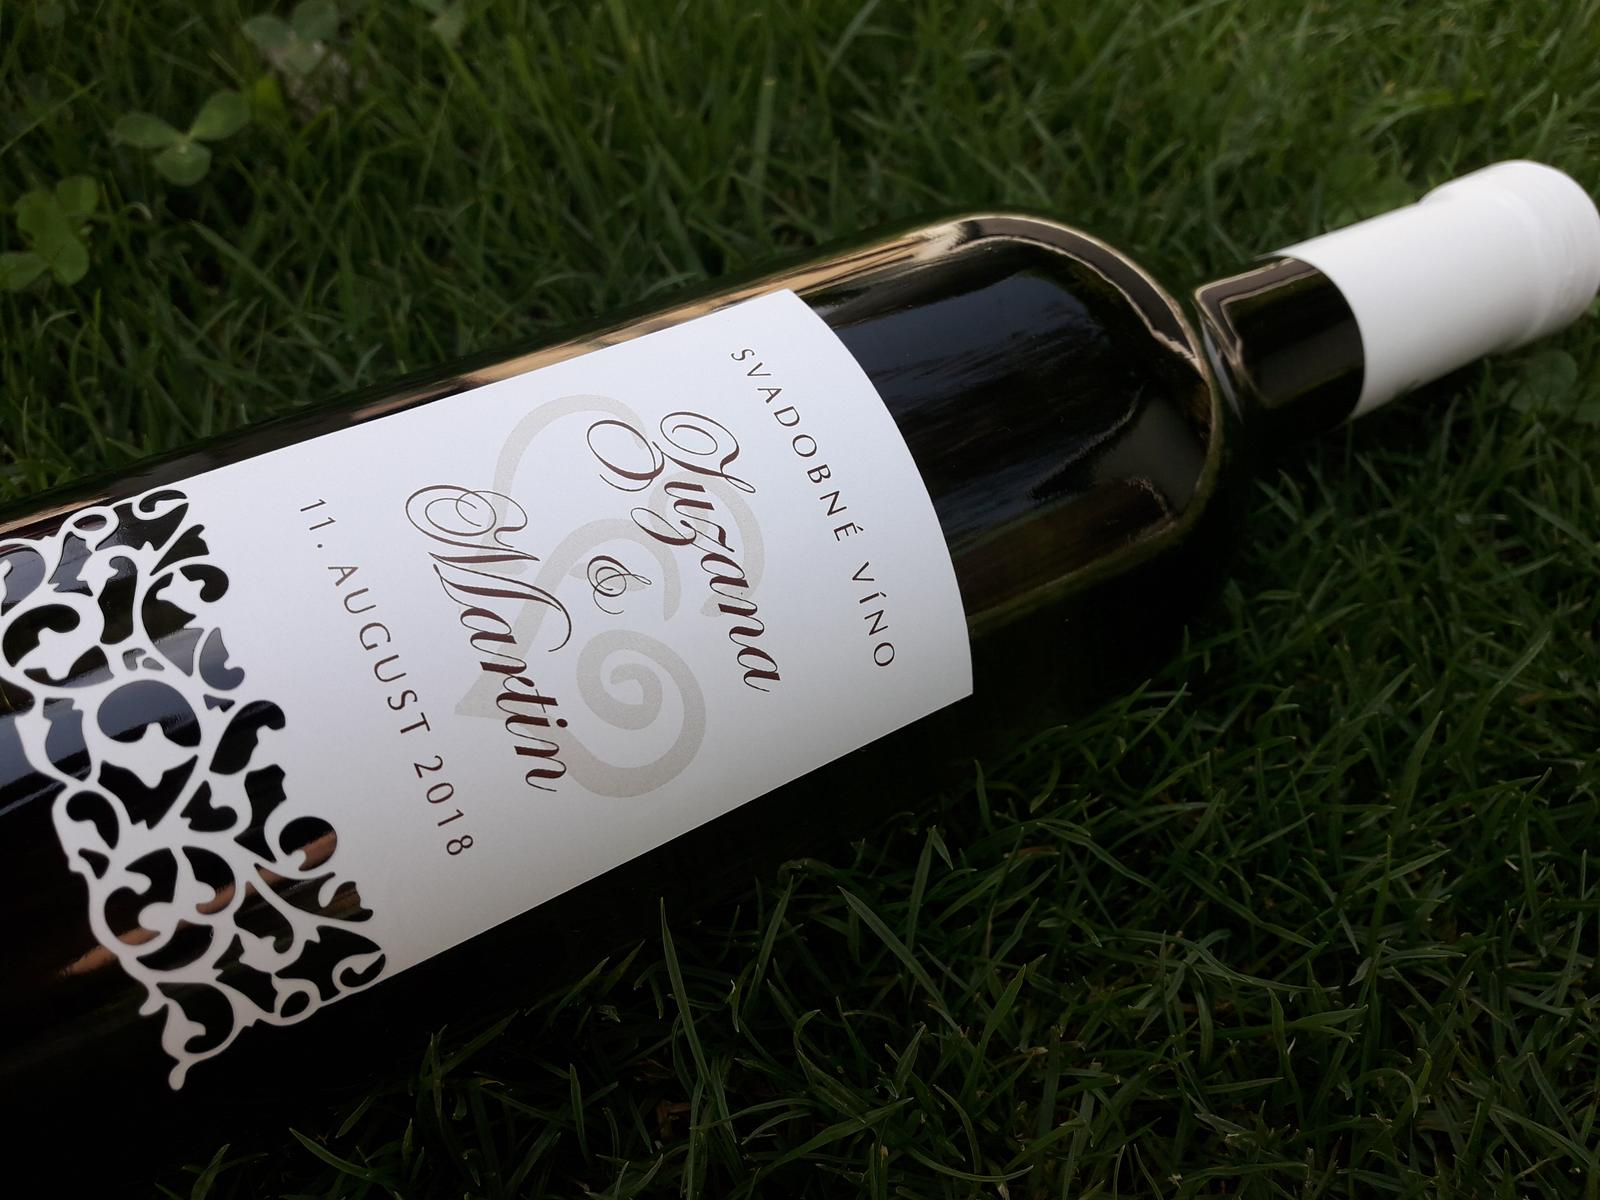 vinomaravilla - Svadobné víno s vyrezávanou etiketou a elegantným písmom